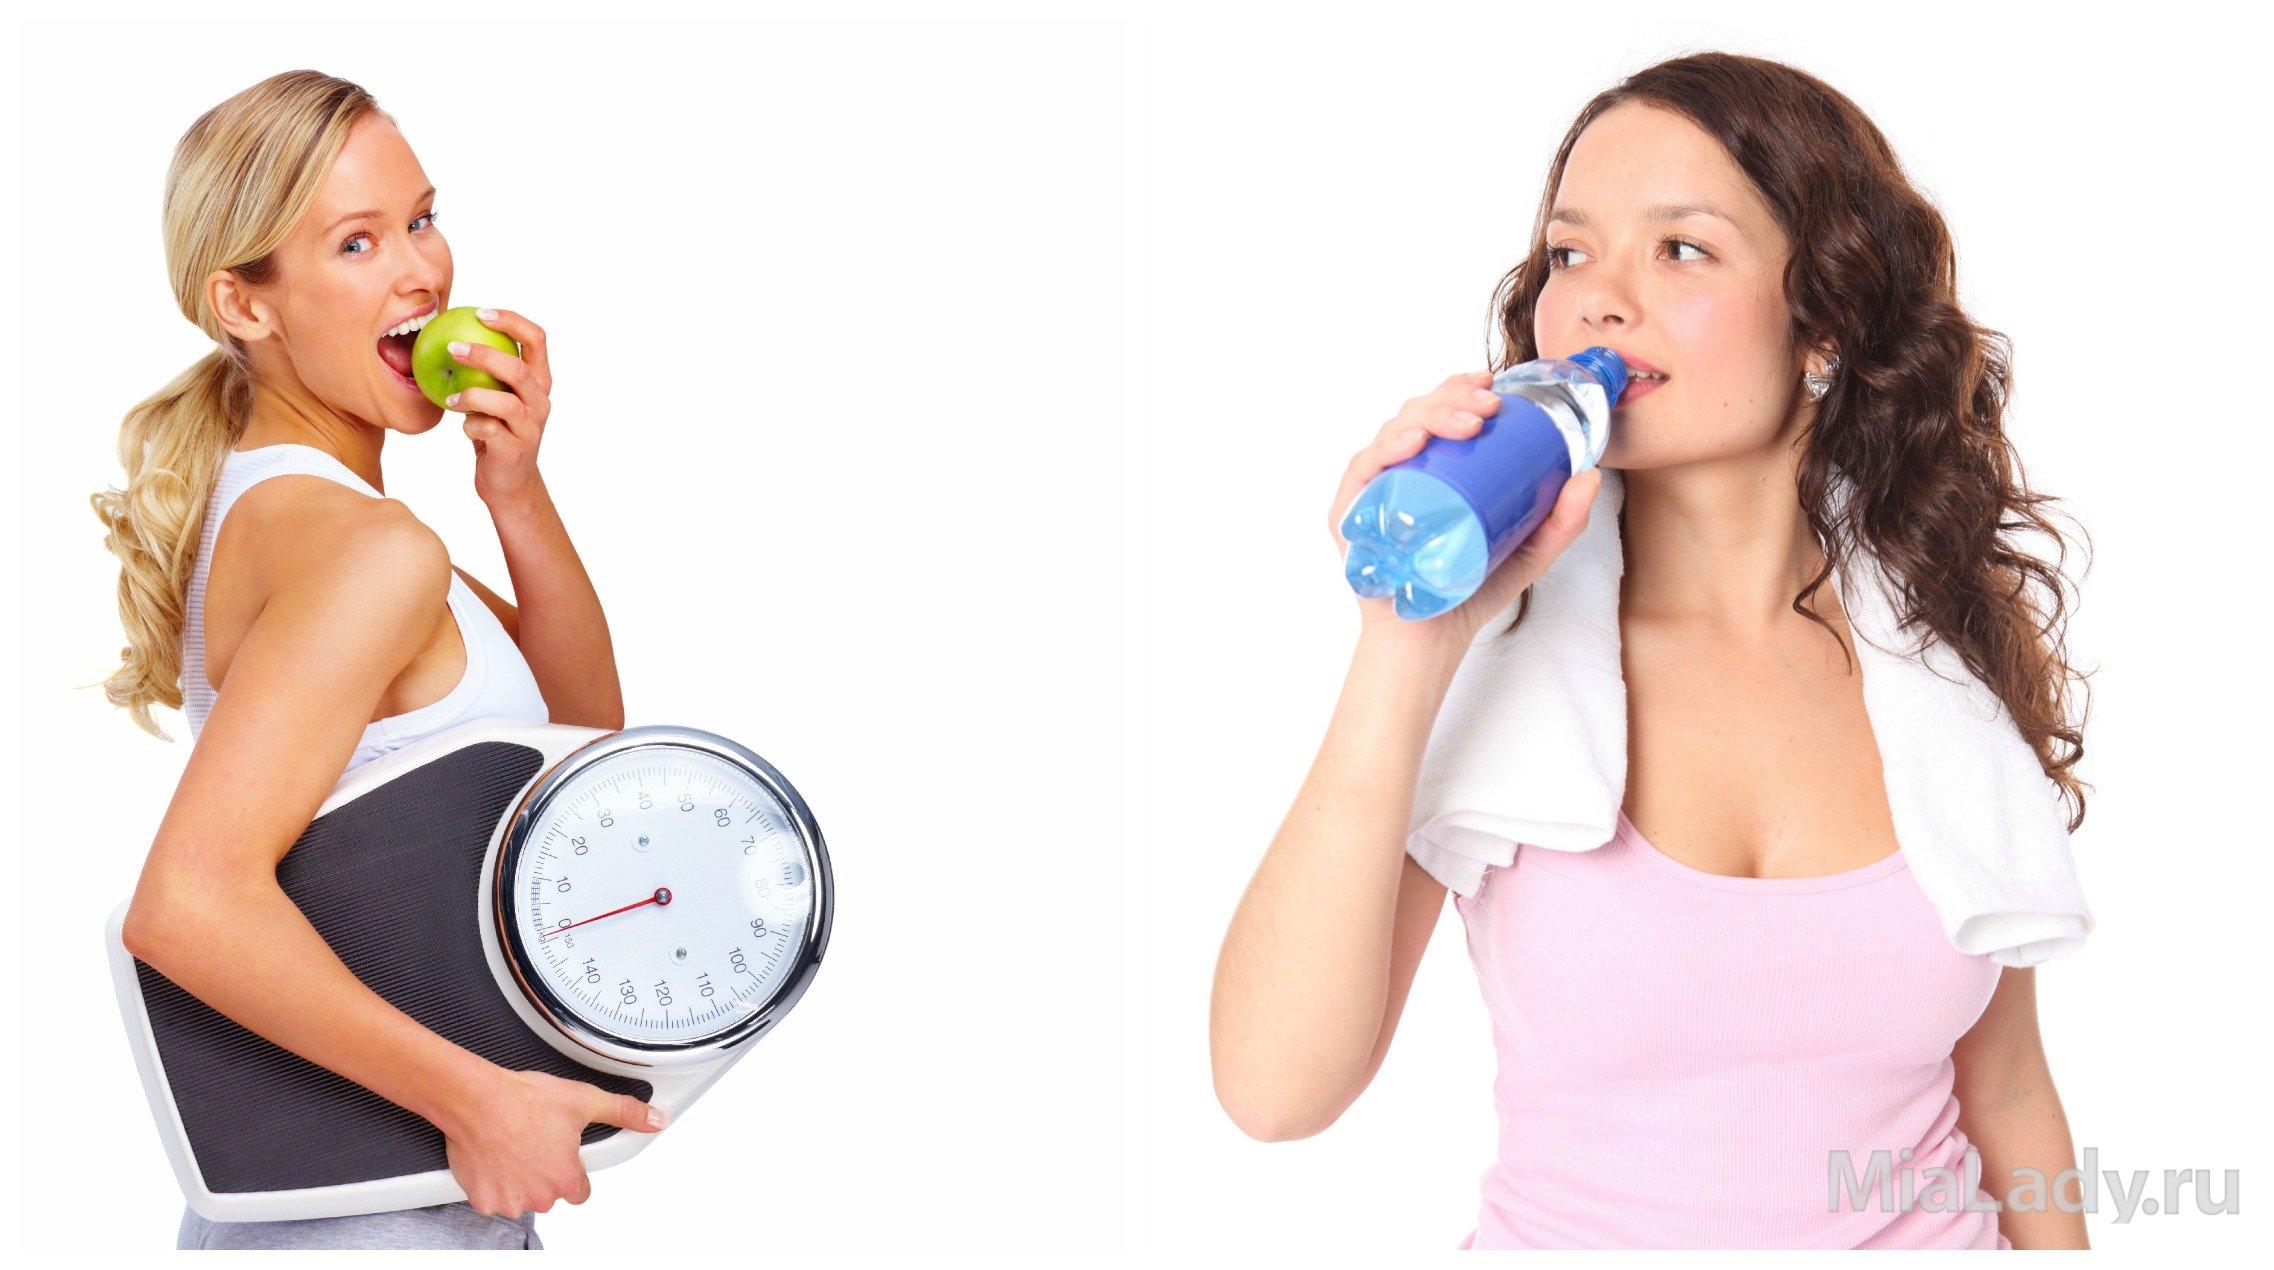 Можно ли пить воду во время тренировки?